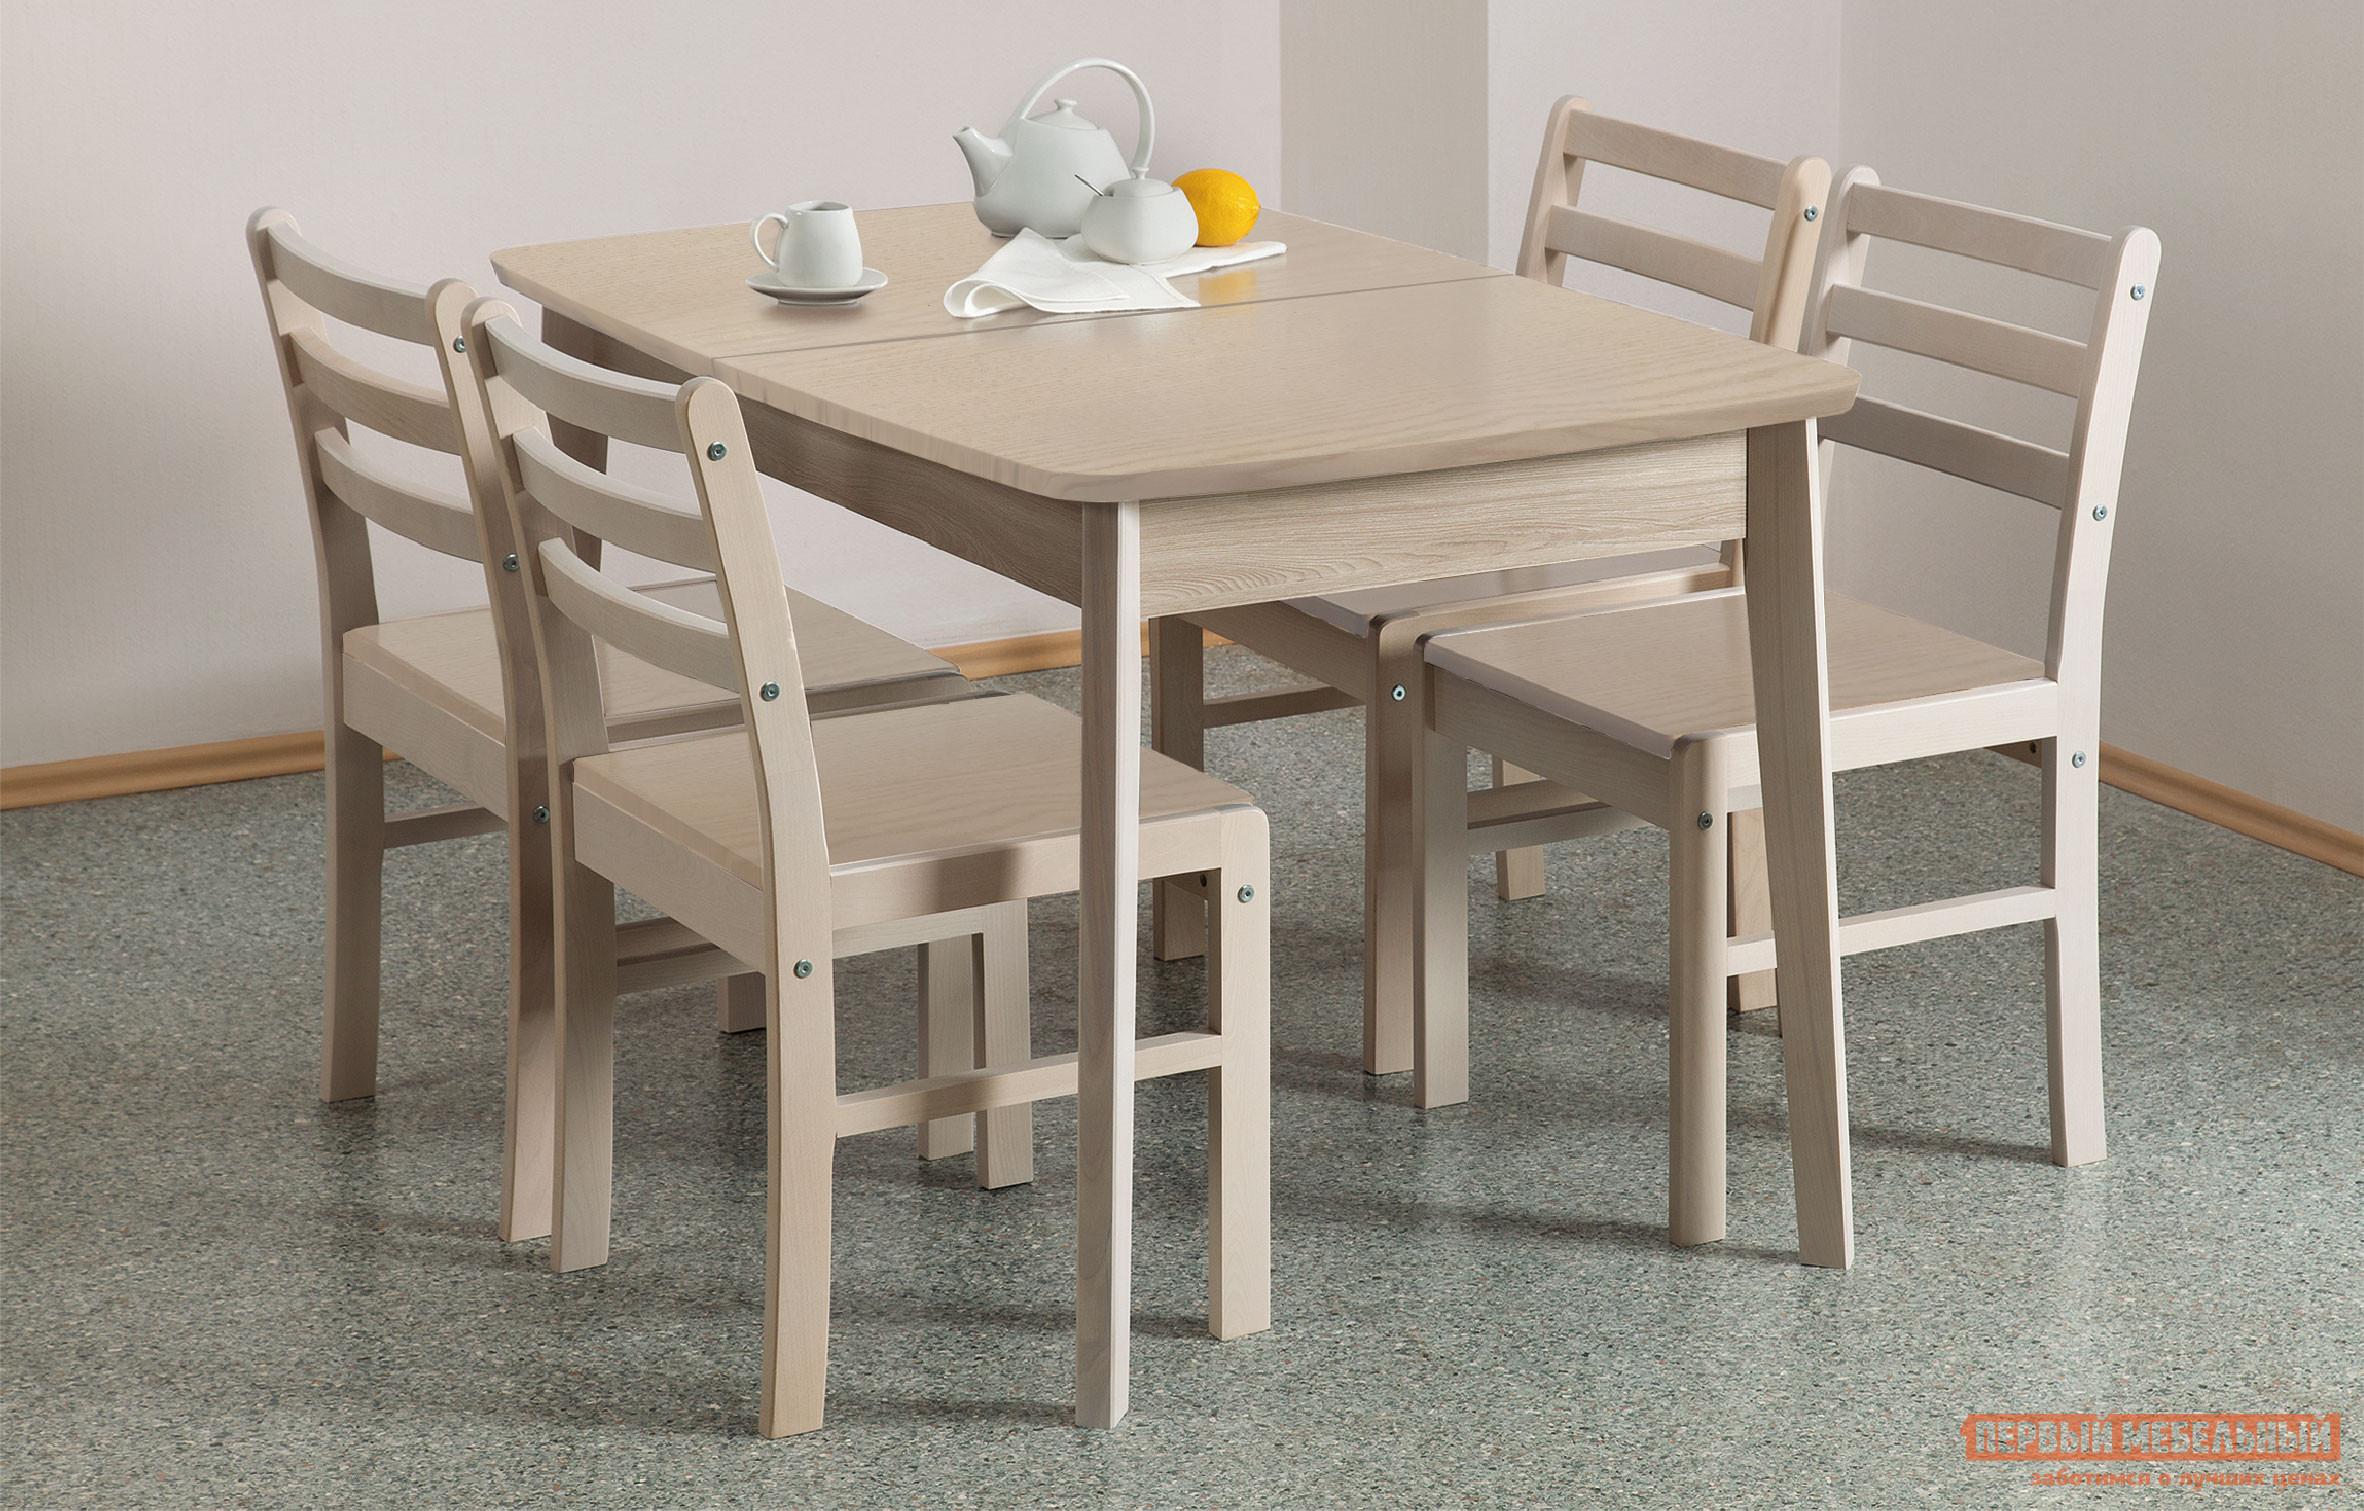 Обеденная группа для кухни Боровичи Стол обеденный раздвижной (овальная крышка) + 4 стула Массив